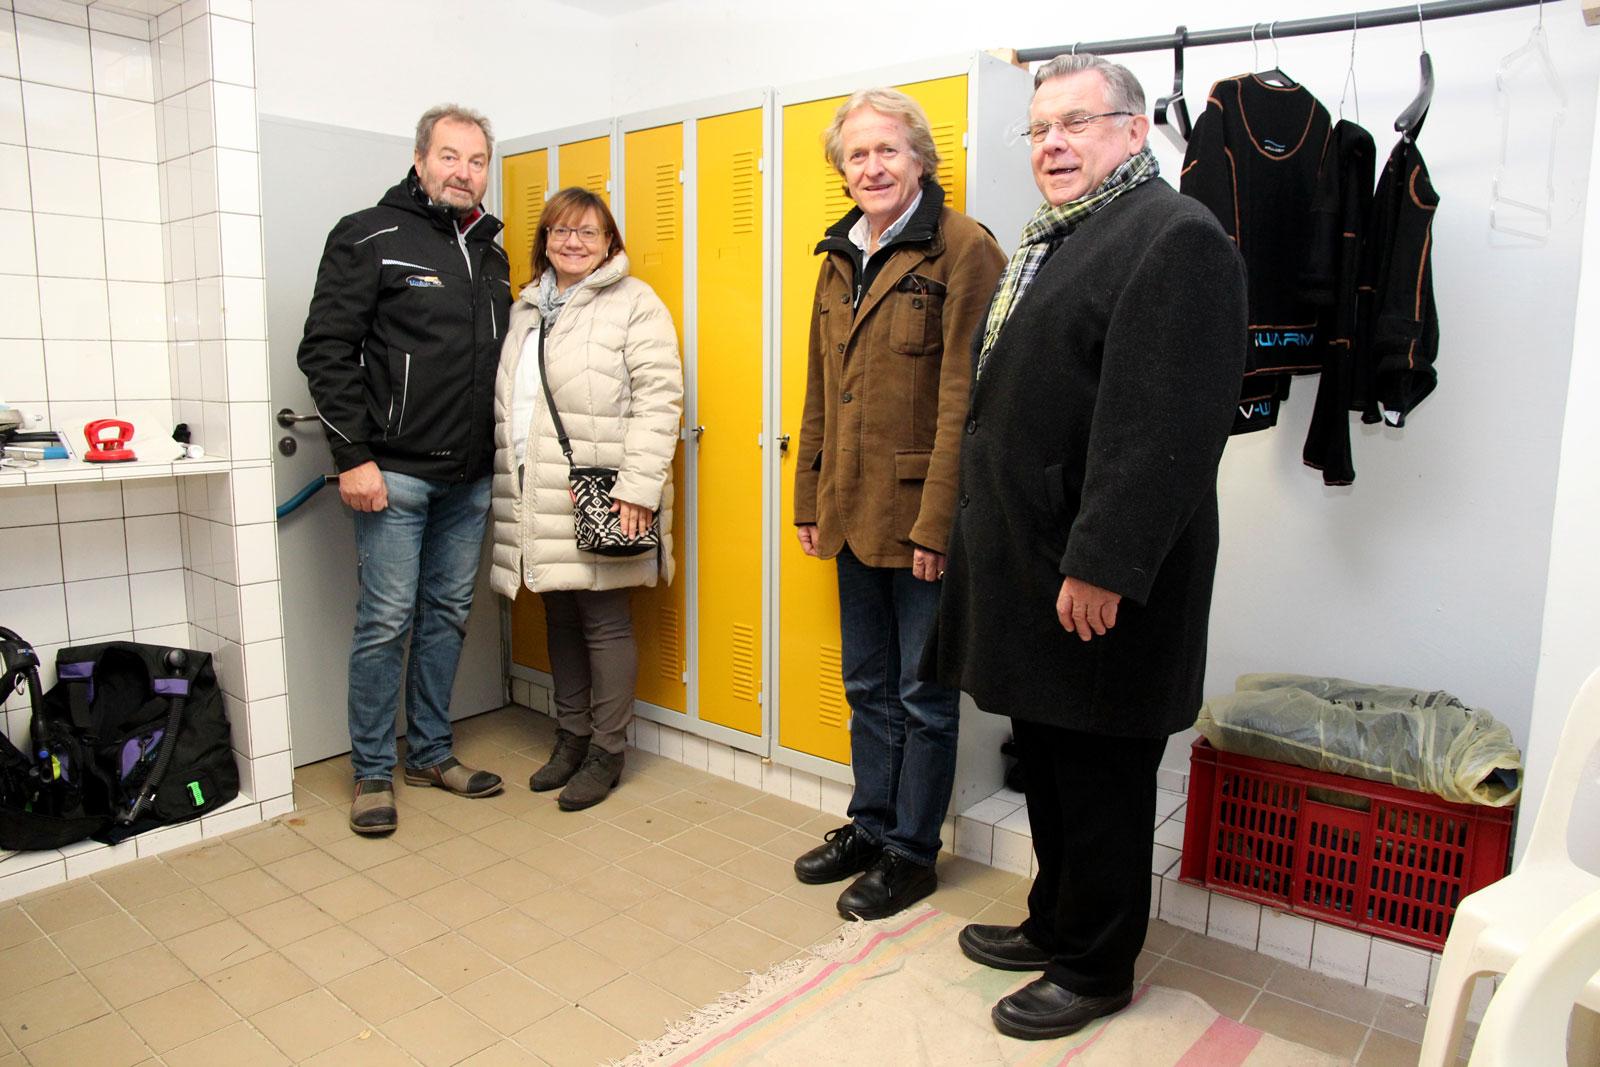 """Das Altdorfer Unternehmen Fahrzeugbau Meier spendete Spinde für die Umkleiden im neuen """"Delfinhaus"""". Lebenshilfe-Chef John vermittelte. Dr. von Fersen dankte den Förderern sehr herzlich."""